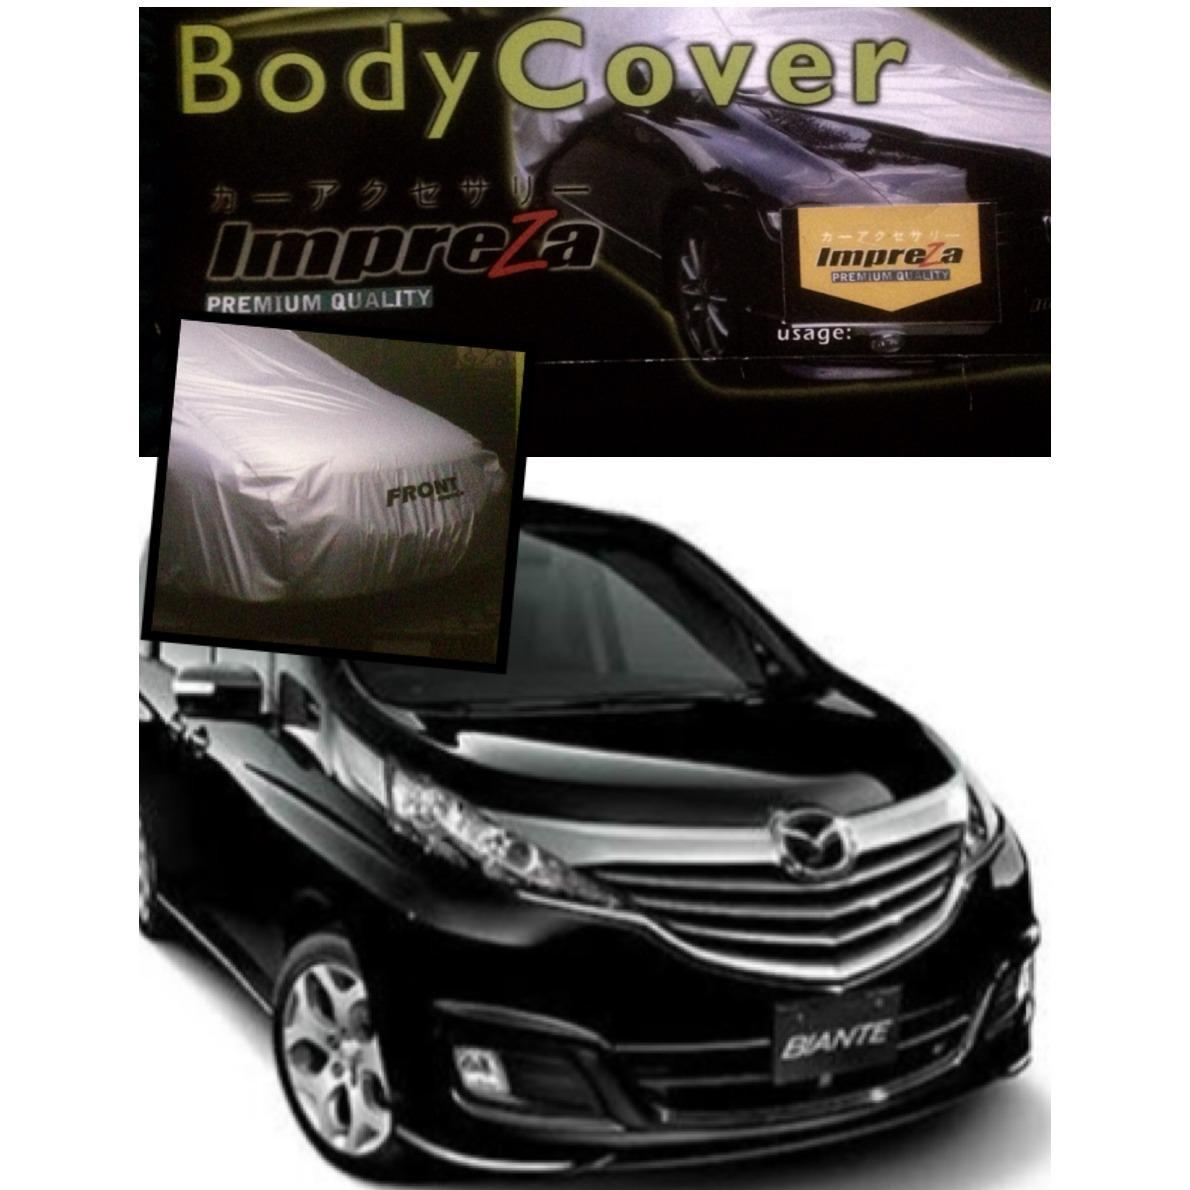 Impreza Body Cover Mobil Mazda Biante Abu Daftar Update Harga Blue Silver Selimut Deluxe Anti Air Waterproof Terlaris Grey Pelindung